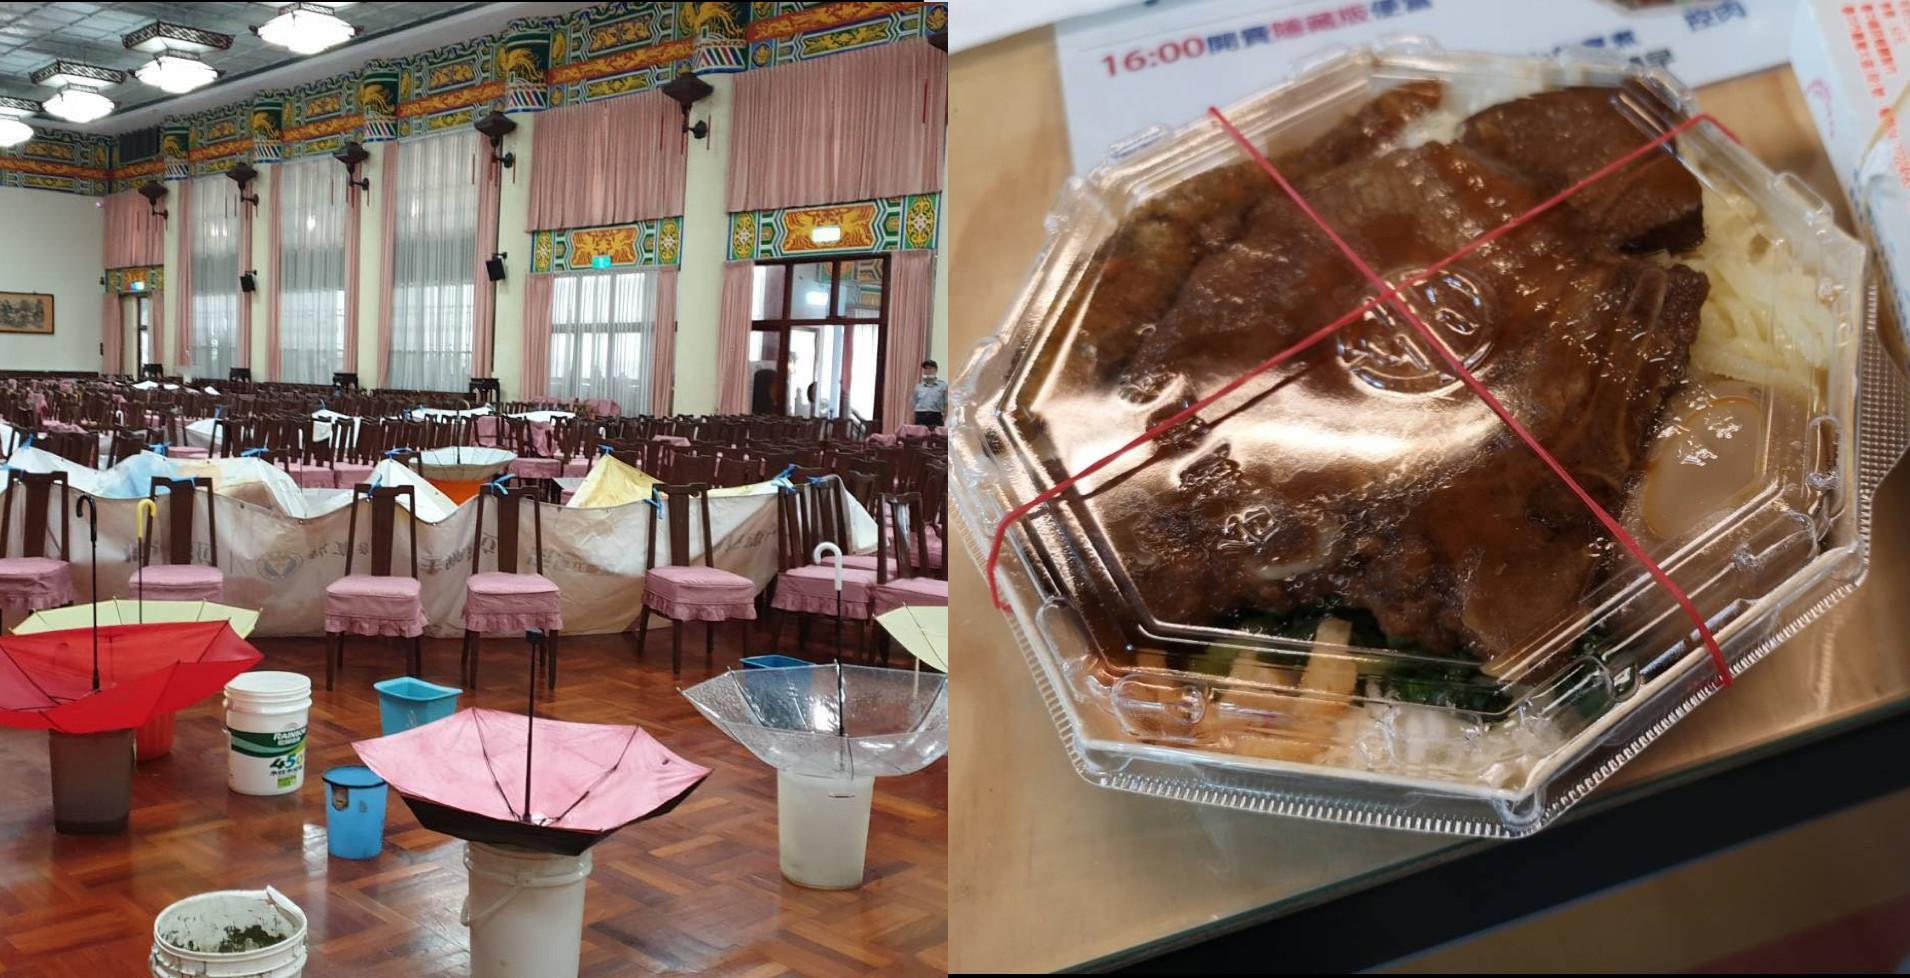 Fw: [新聞] 陽明山上結婚!午宴「吃台鐵便當」...